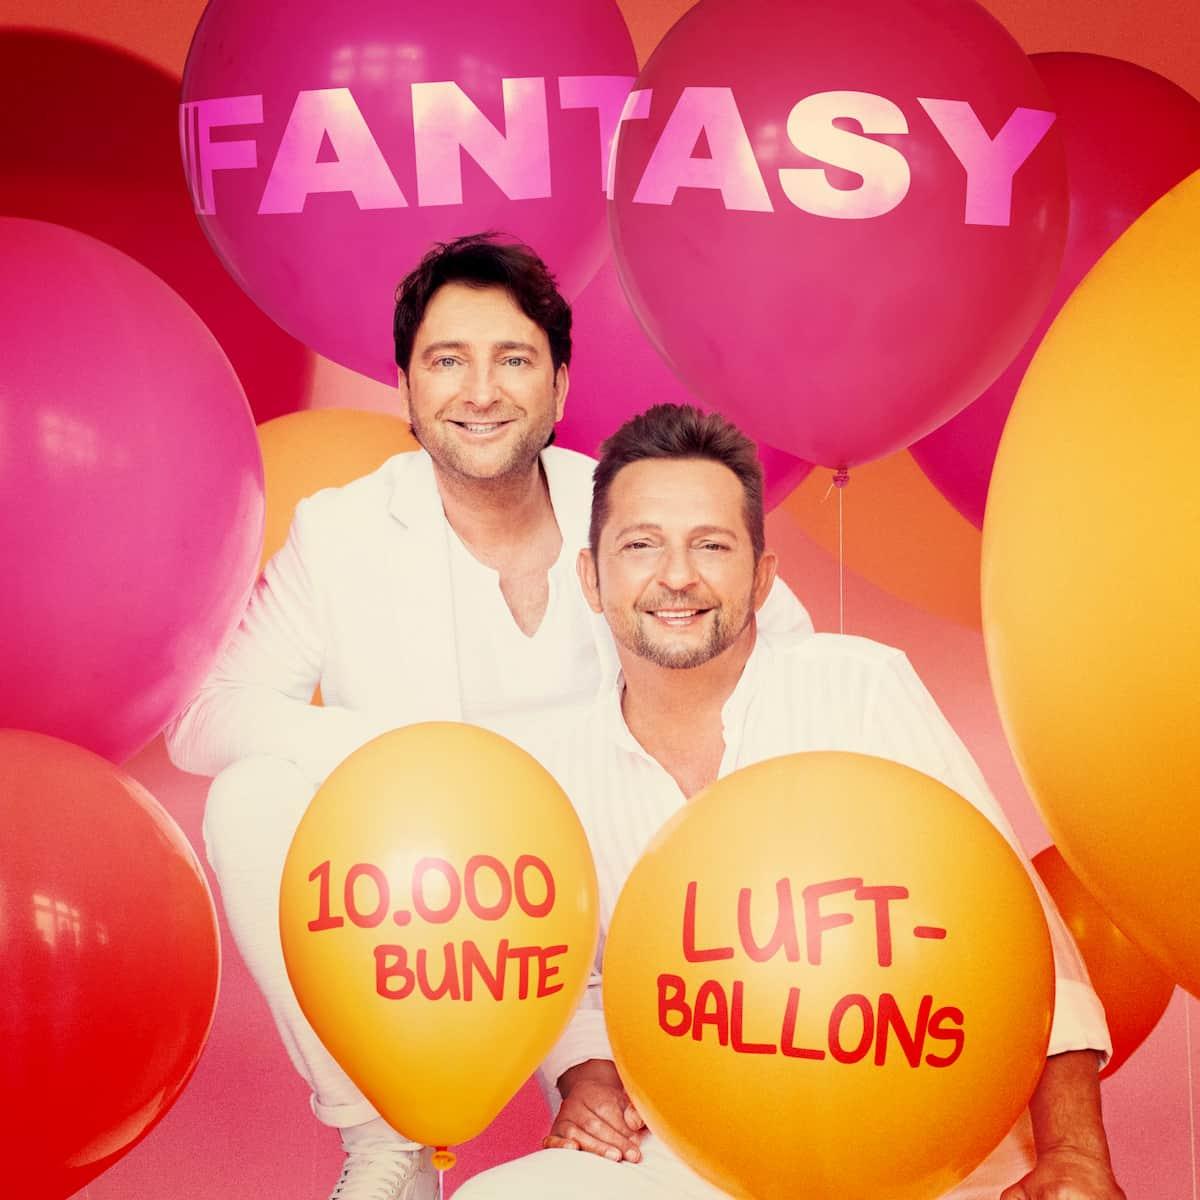 """Fantasy CD """"10.000 Bunte Luftballons"""" 2020"""